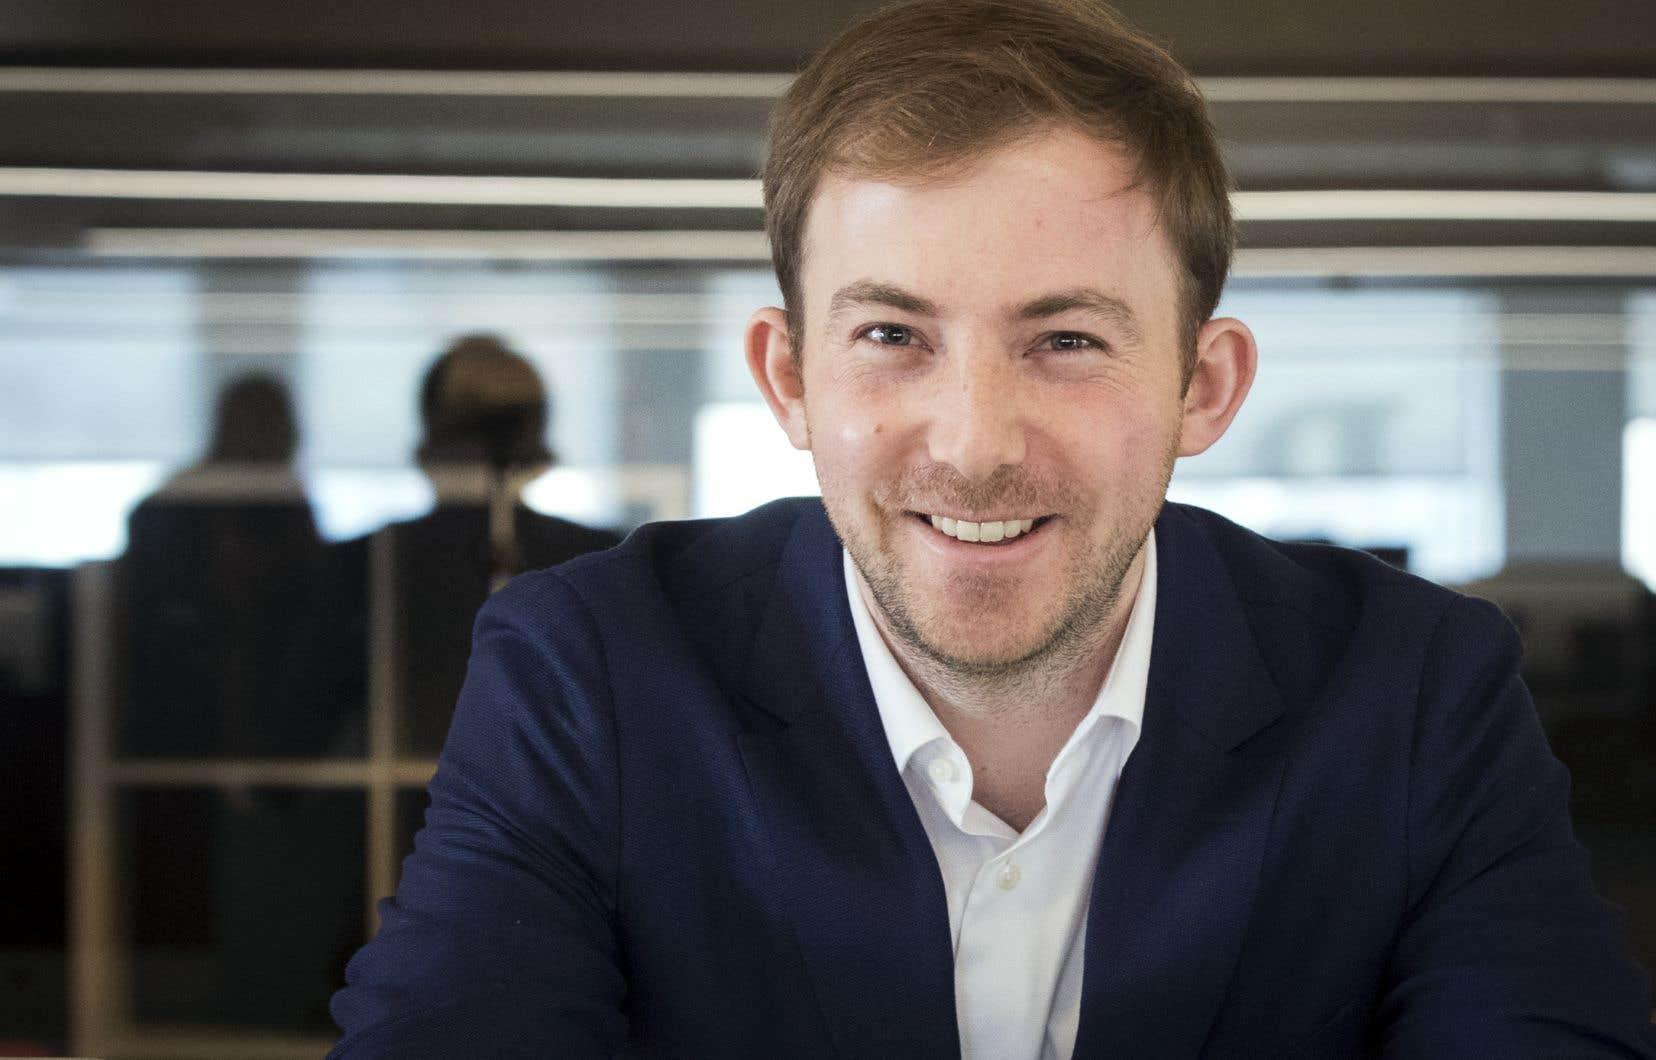 Michael Katchen, âgé de 29 ans, a fait naître Wealthsimple en conseillant des amis dans leurs investissements.